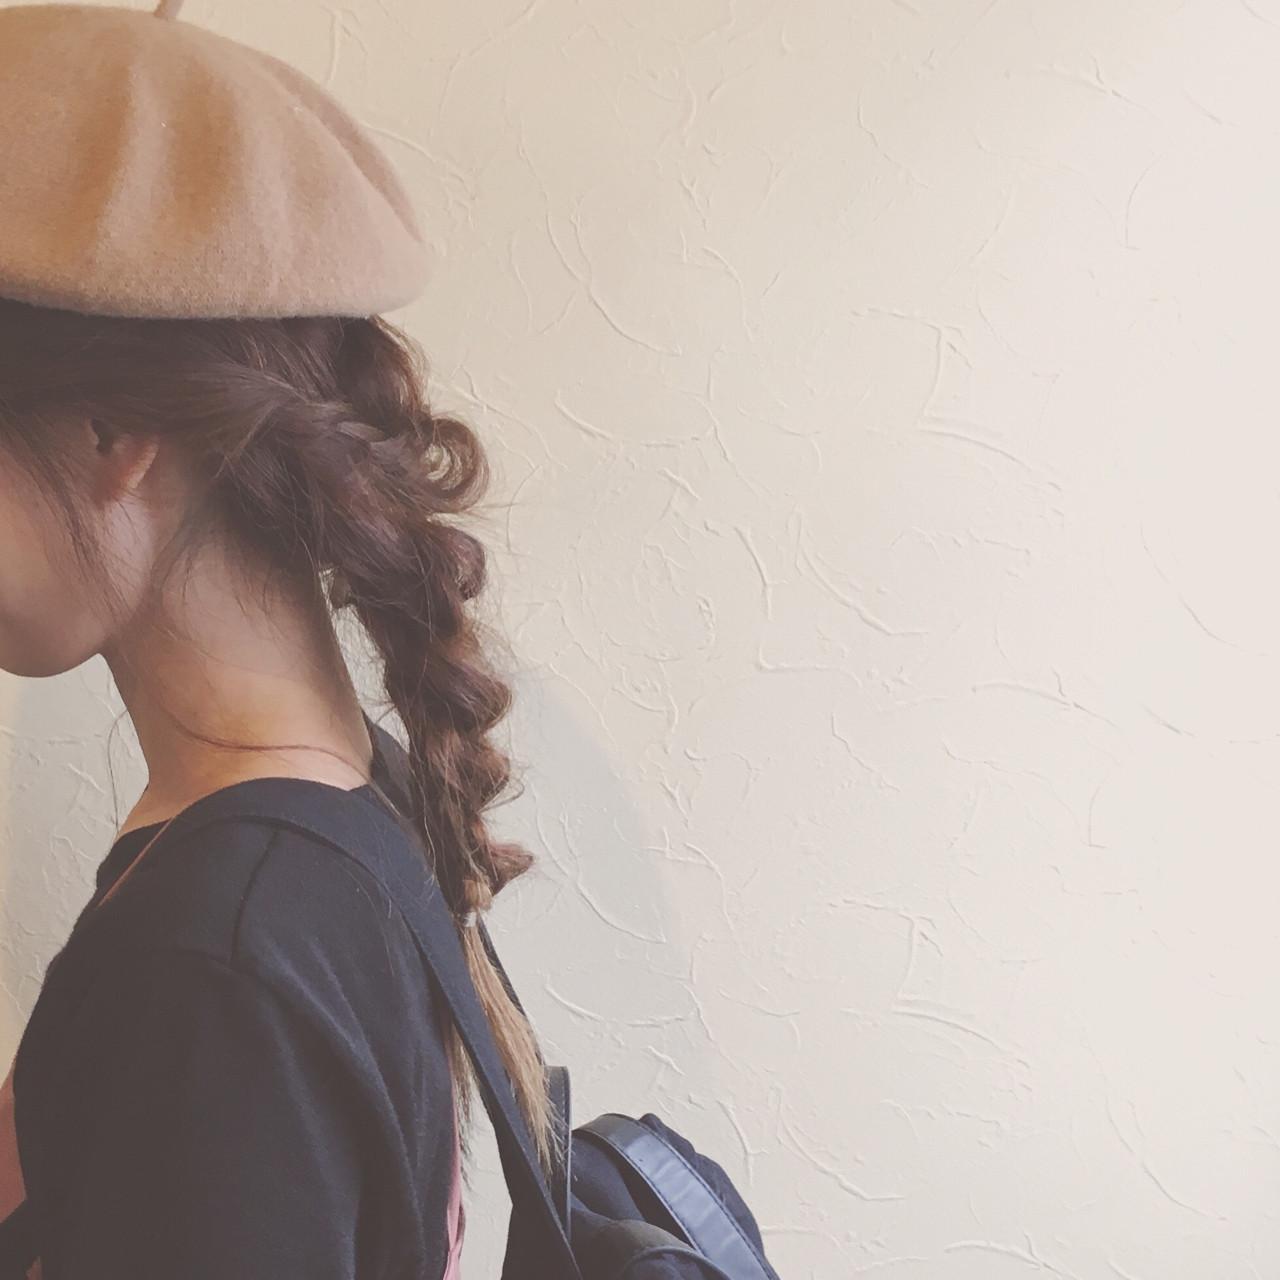 おしゃれさん必見♡モテを呼び込む1weekベレー帽の髪型アレンジの19枚目の画像